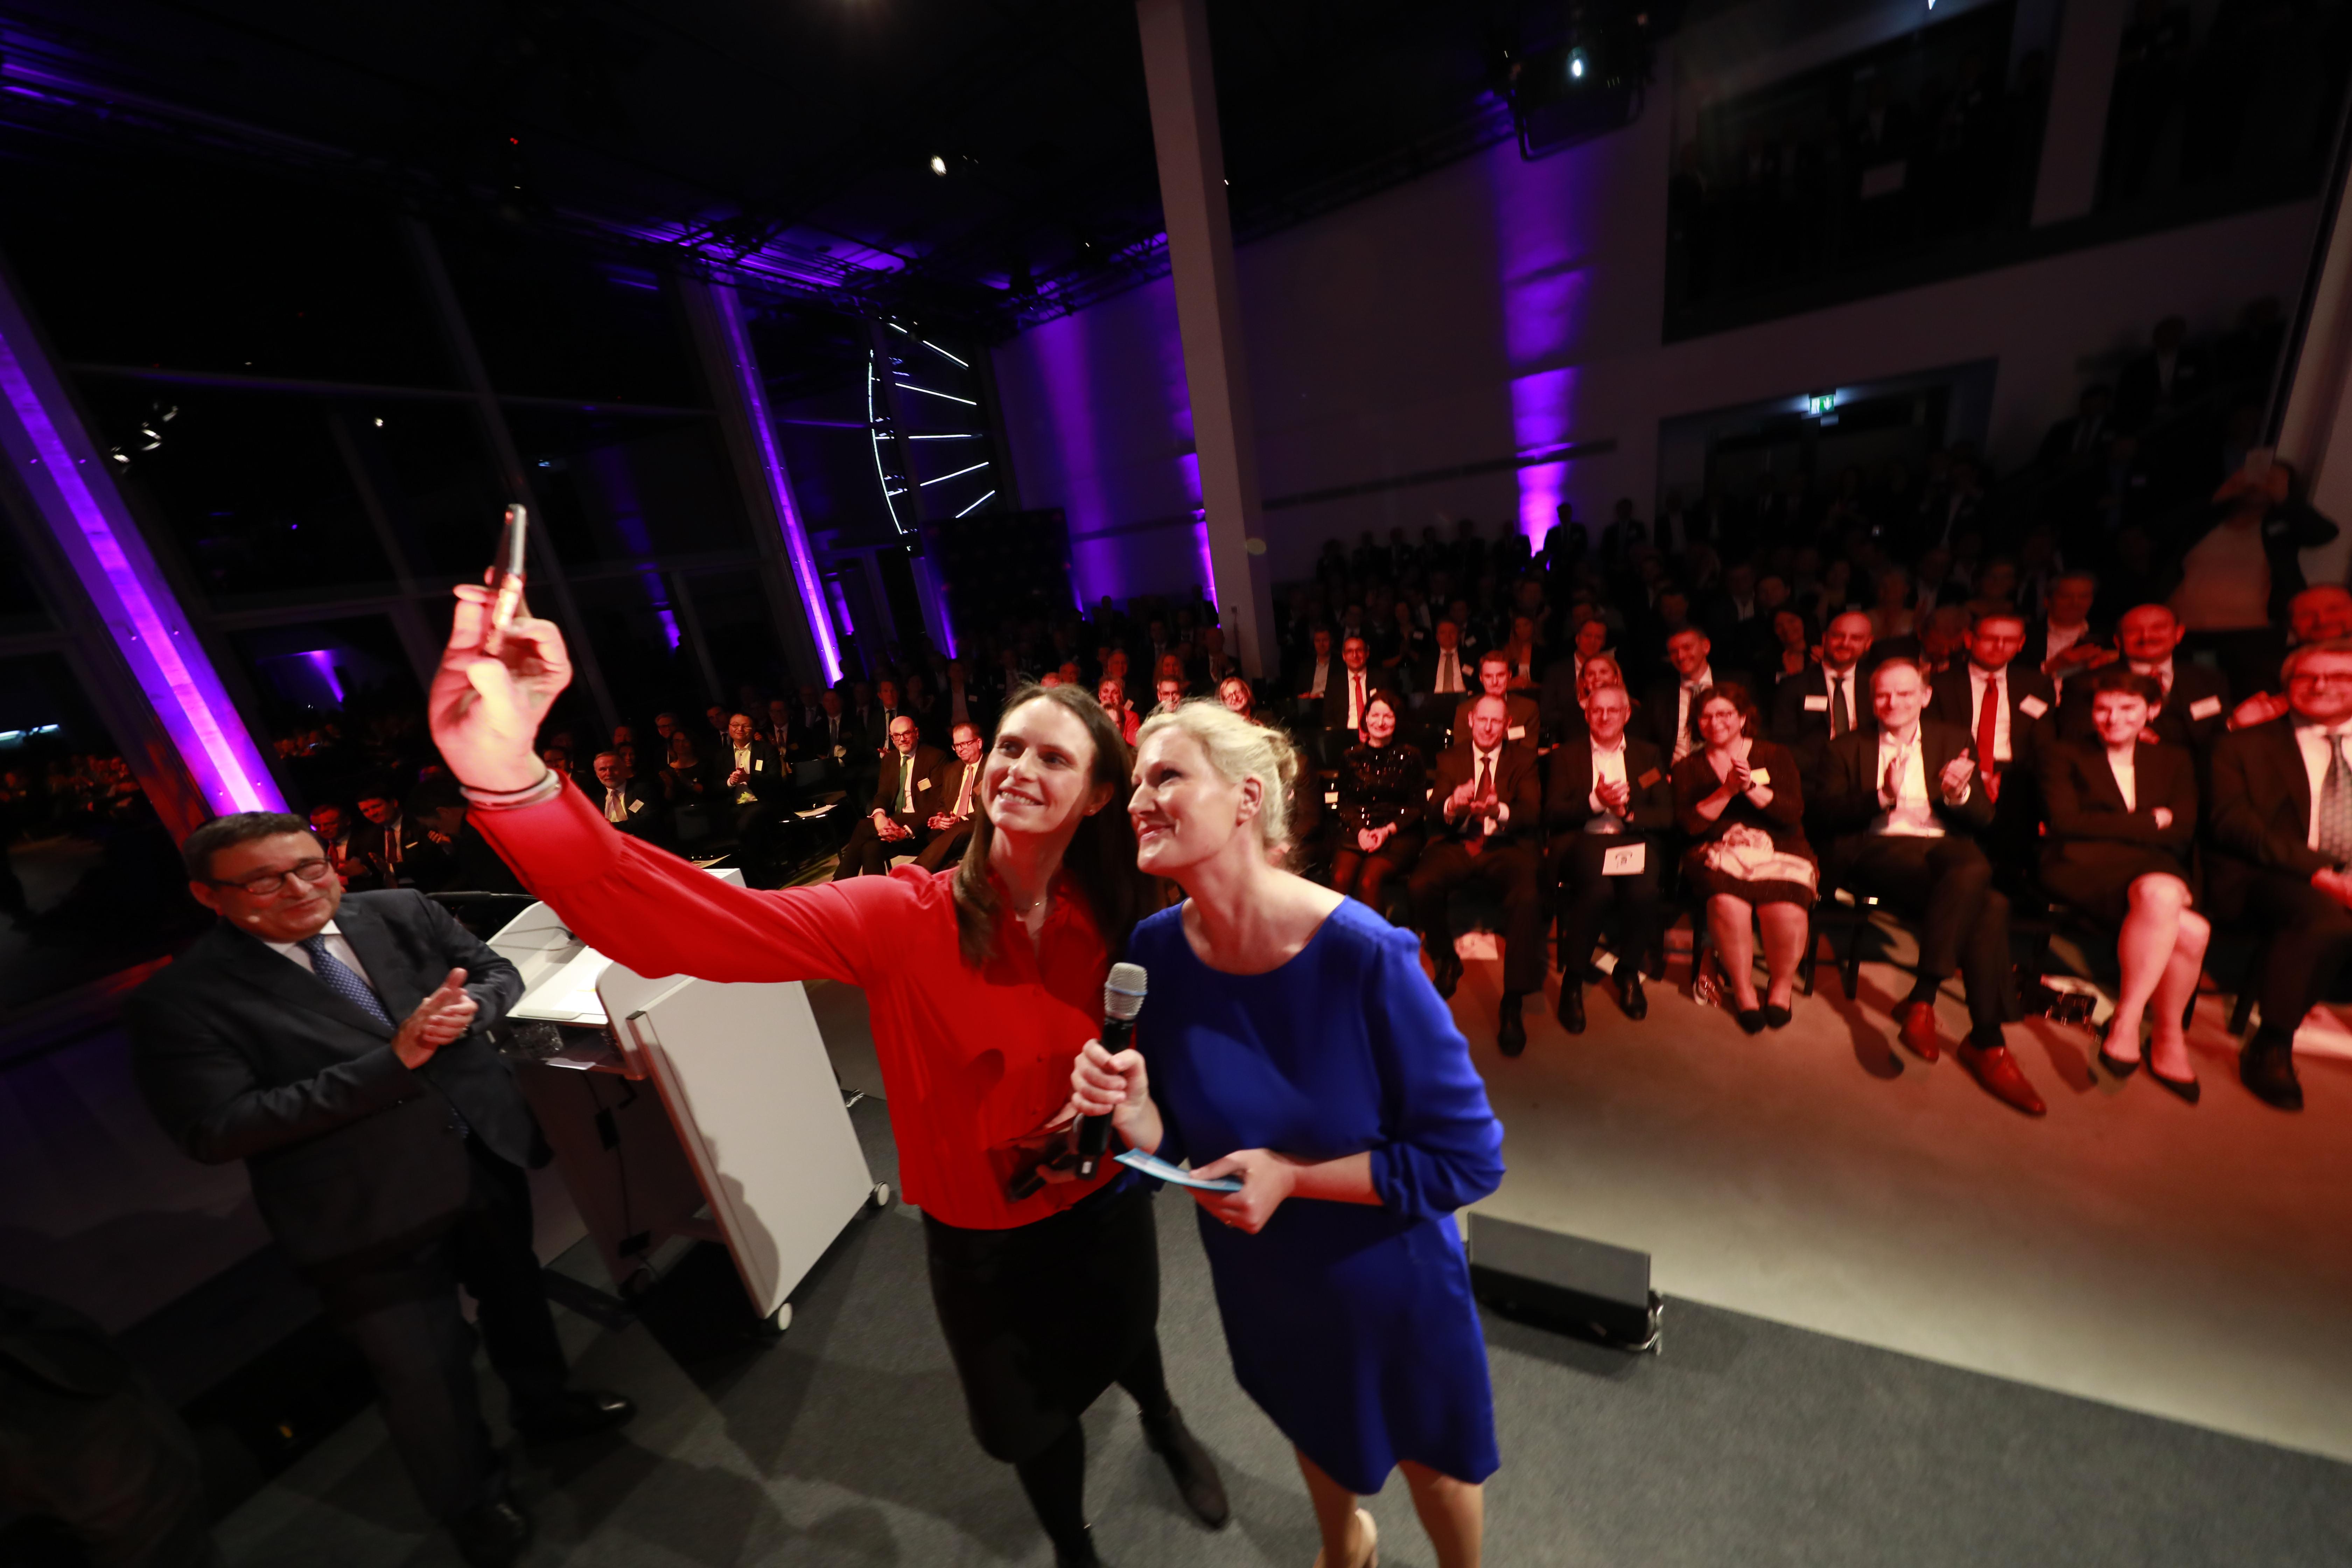 Ein Selfie muss sein - mit dem Publikum